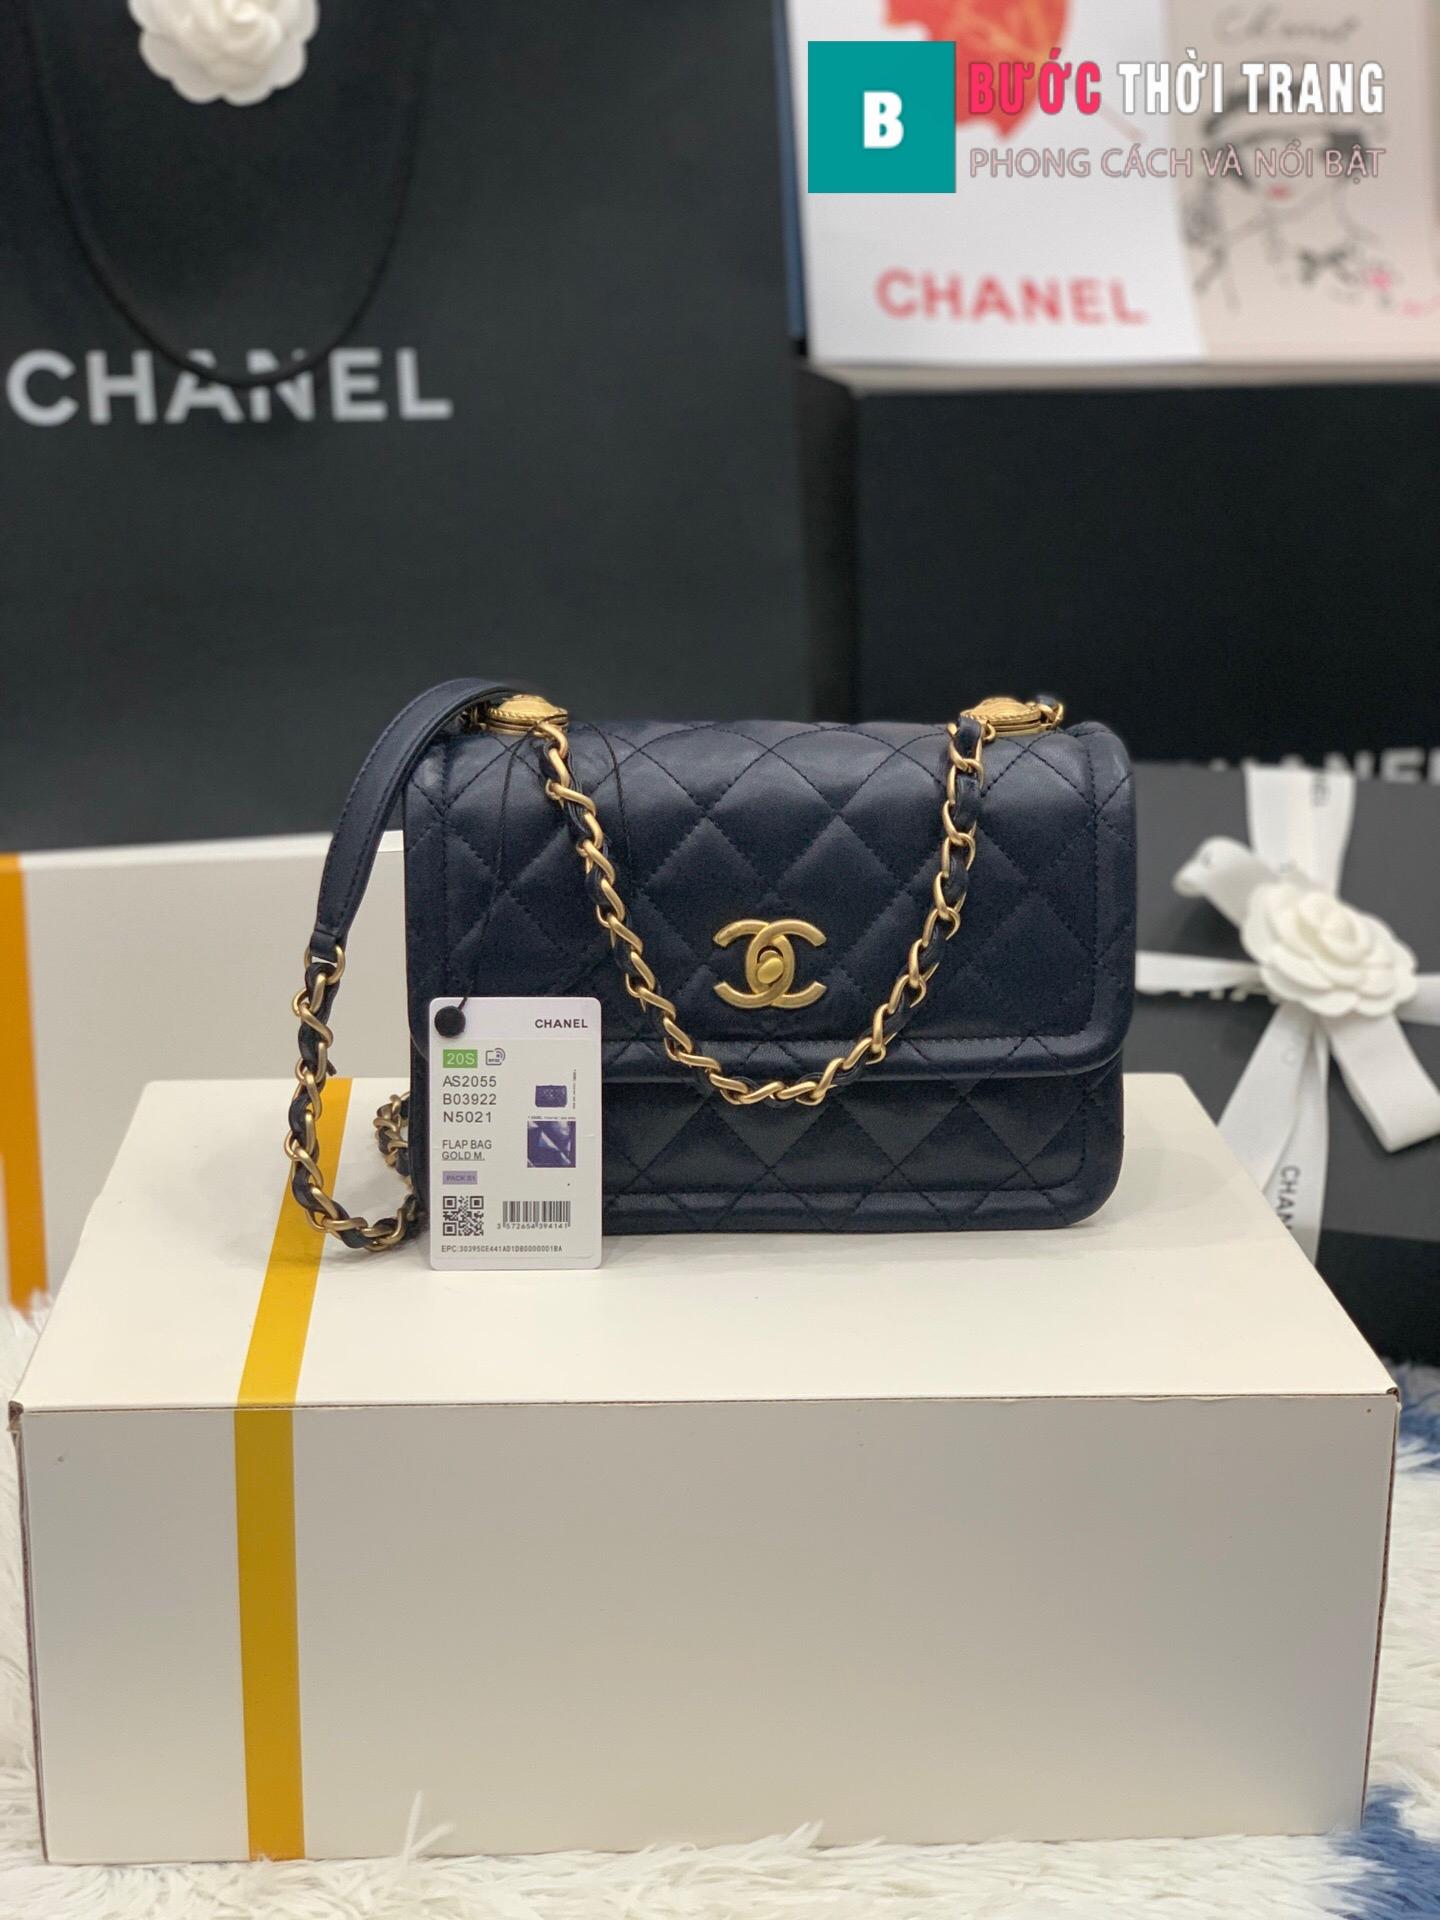 Túi xách Chanel Crossbody Bag siêu cấp size 22 cm – AS2055 (1)